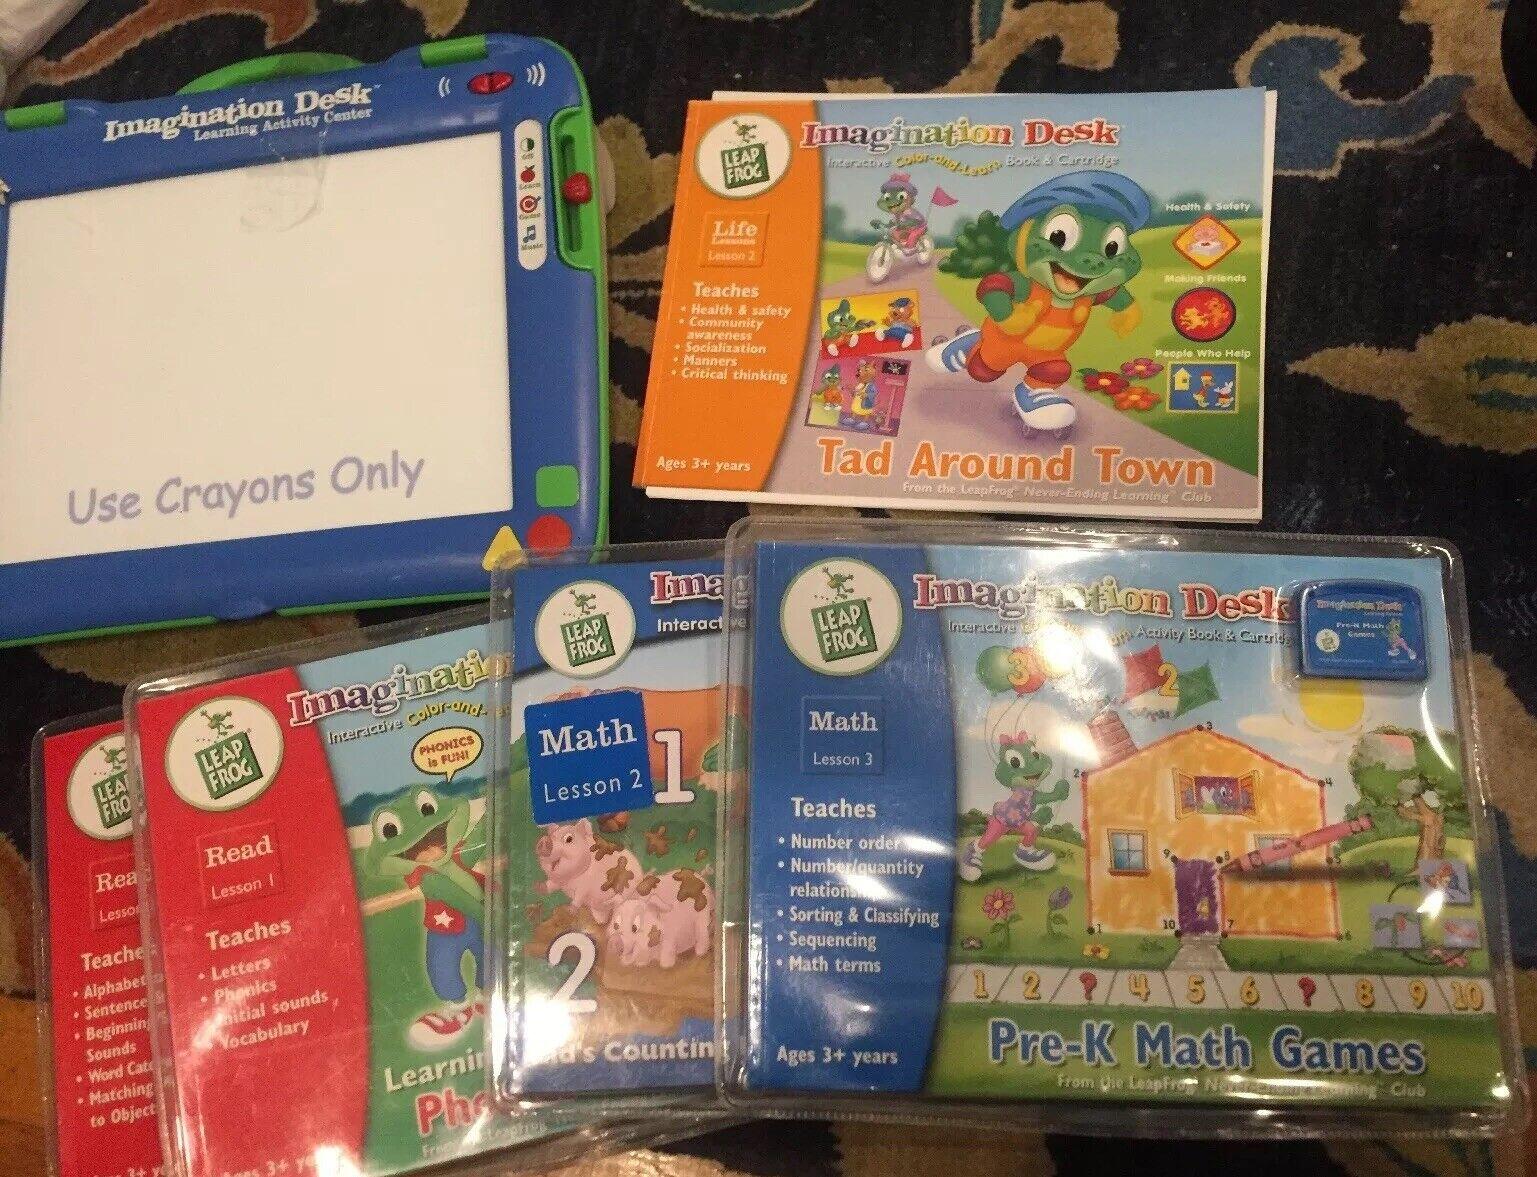 Leapfrog  Imagination Desk Learning System w. Books & Cartridges, New Batt WORKS